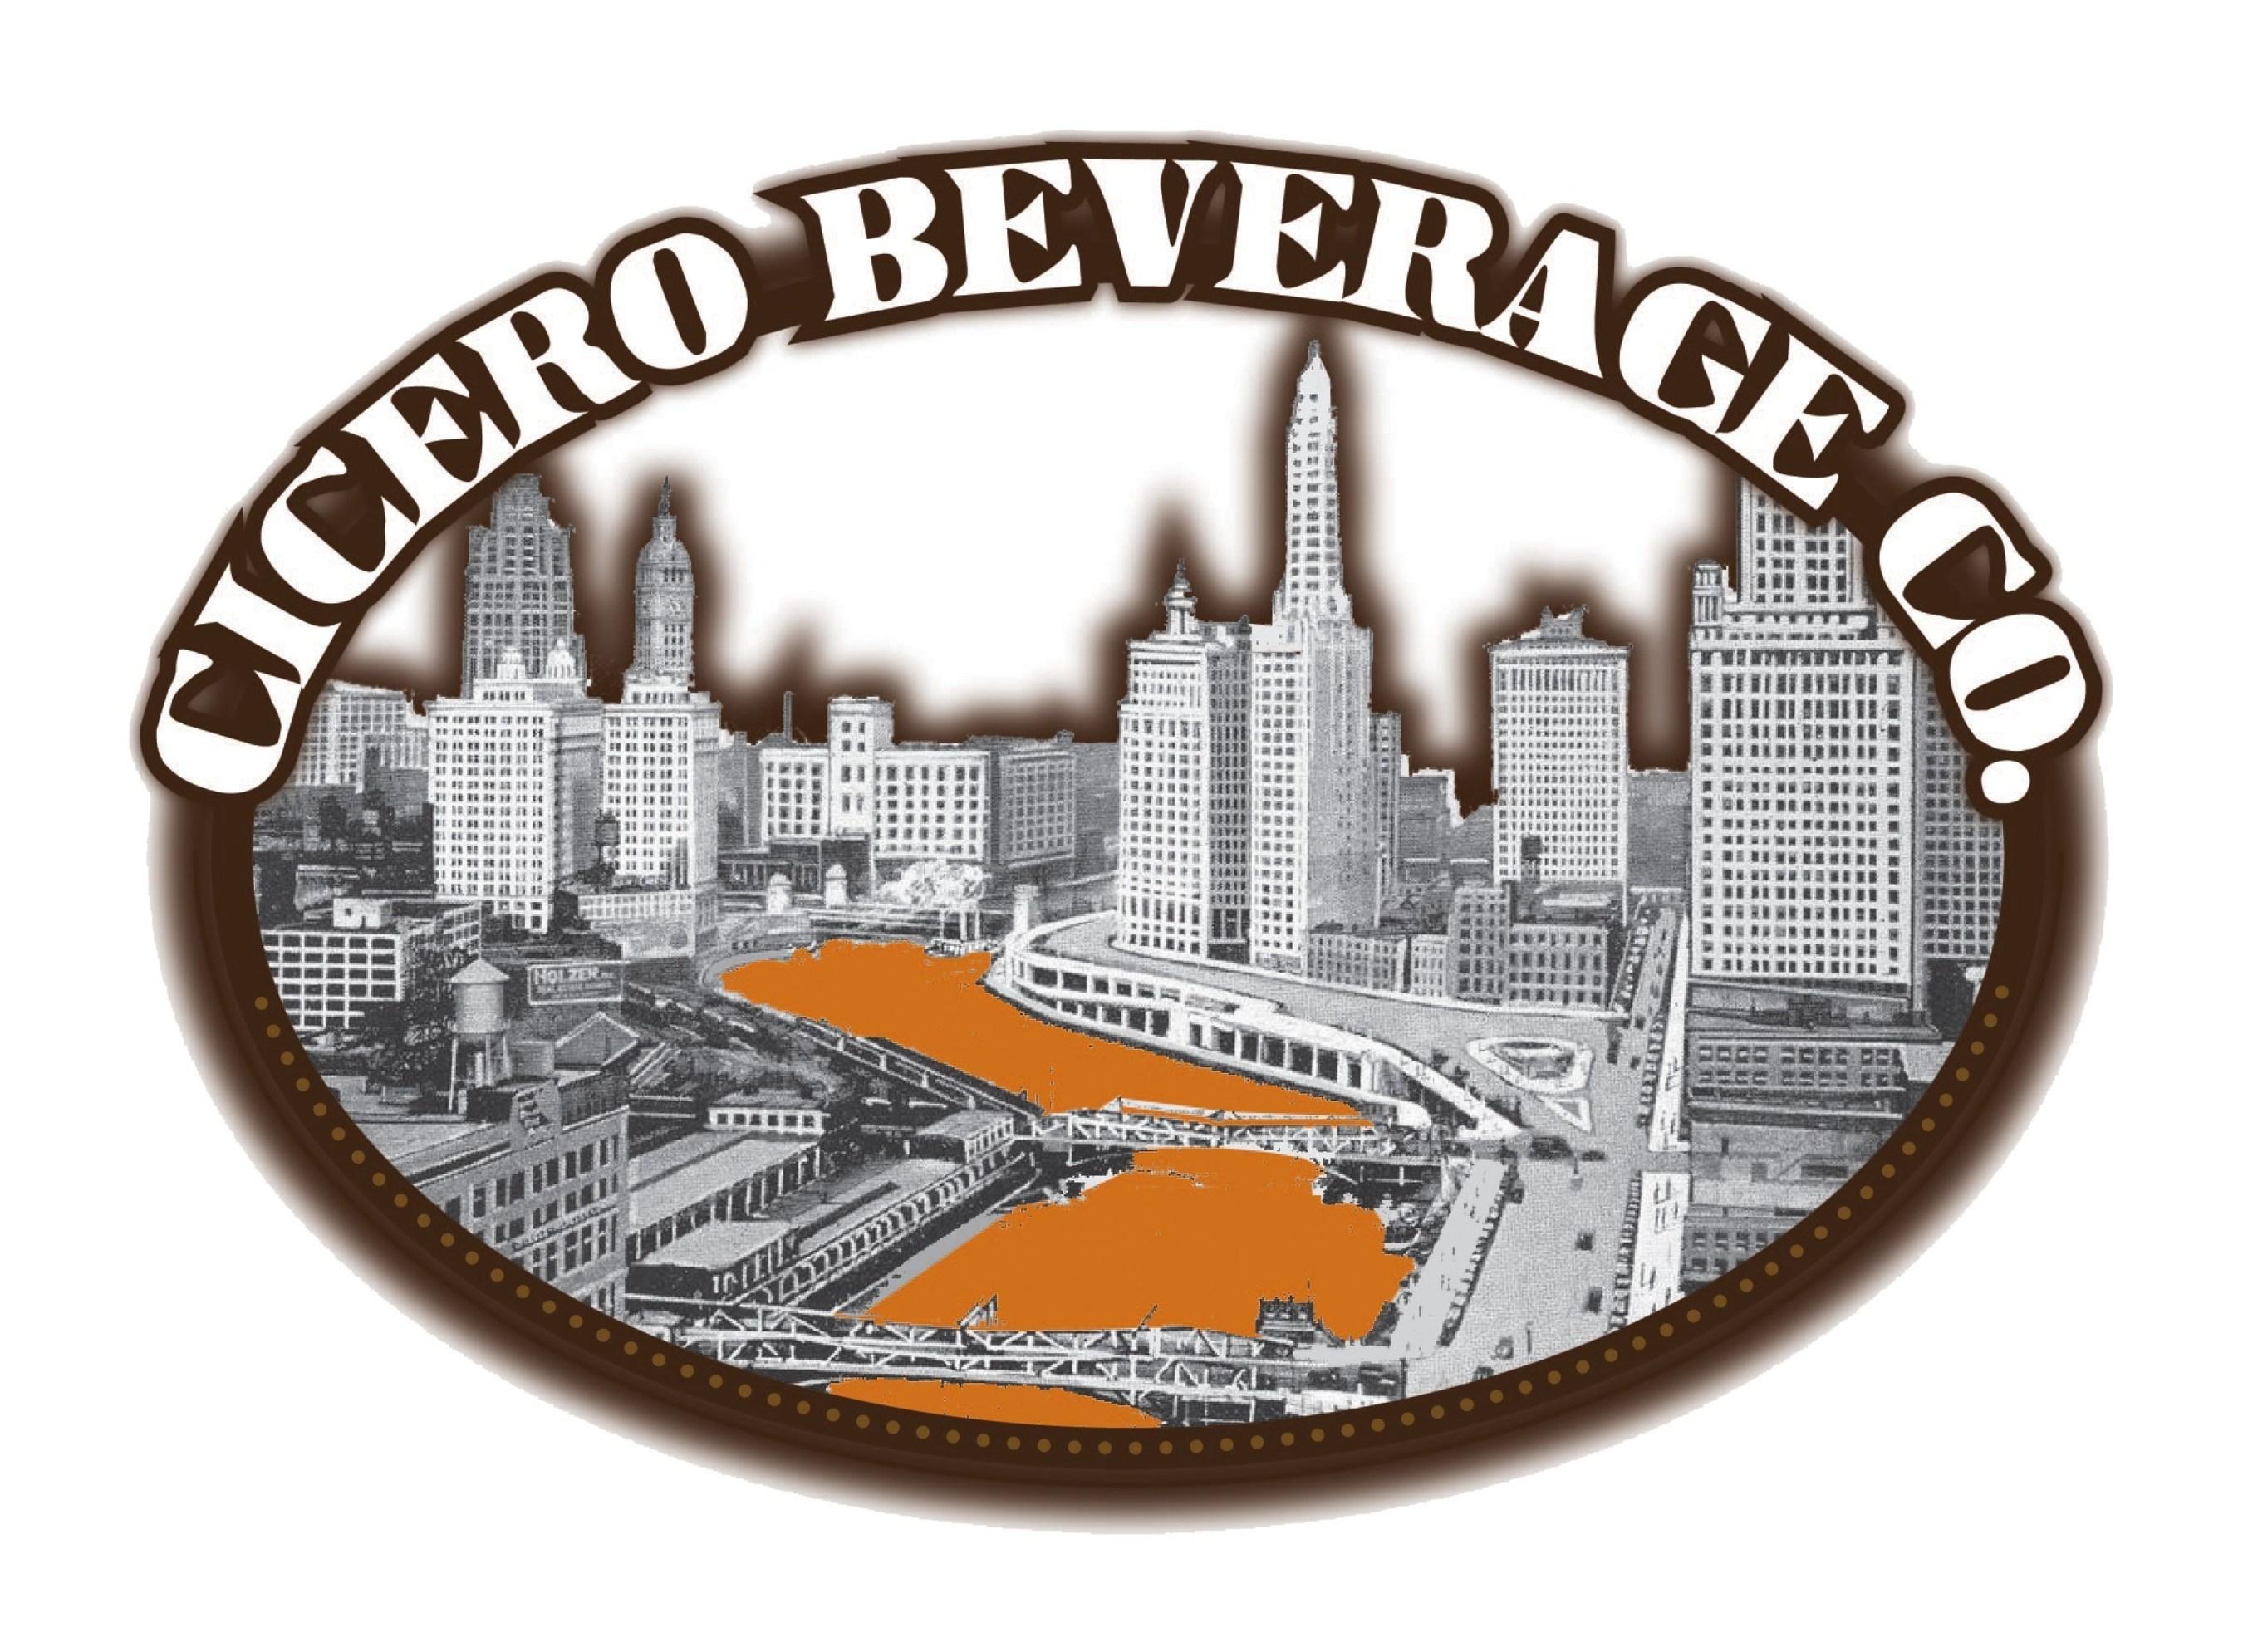 Cicero Beverage Co. (PRNewsFoto/Cicero Beverage Co.)